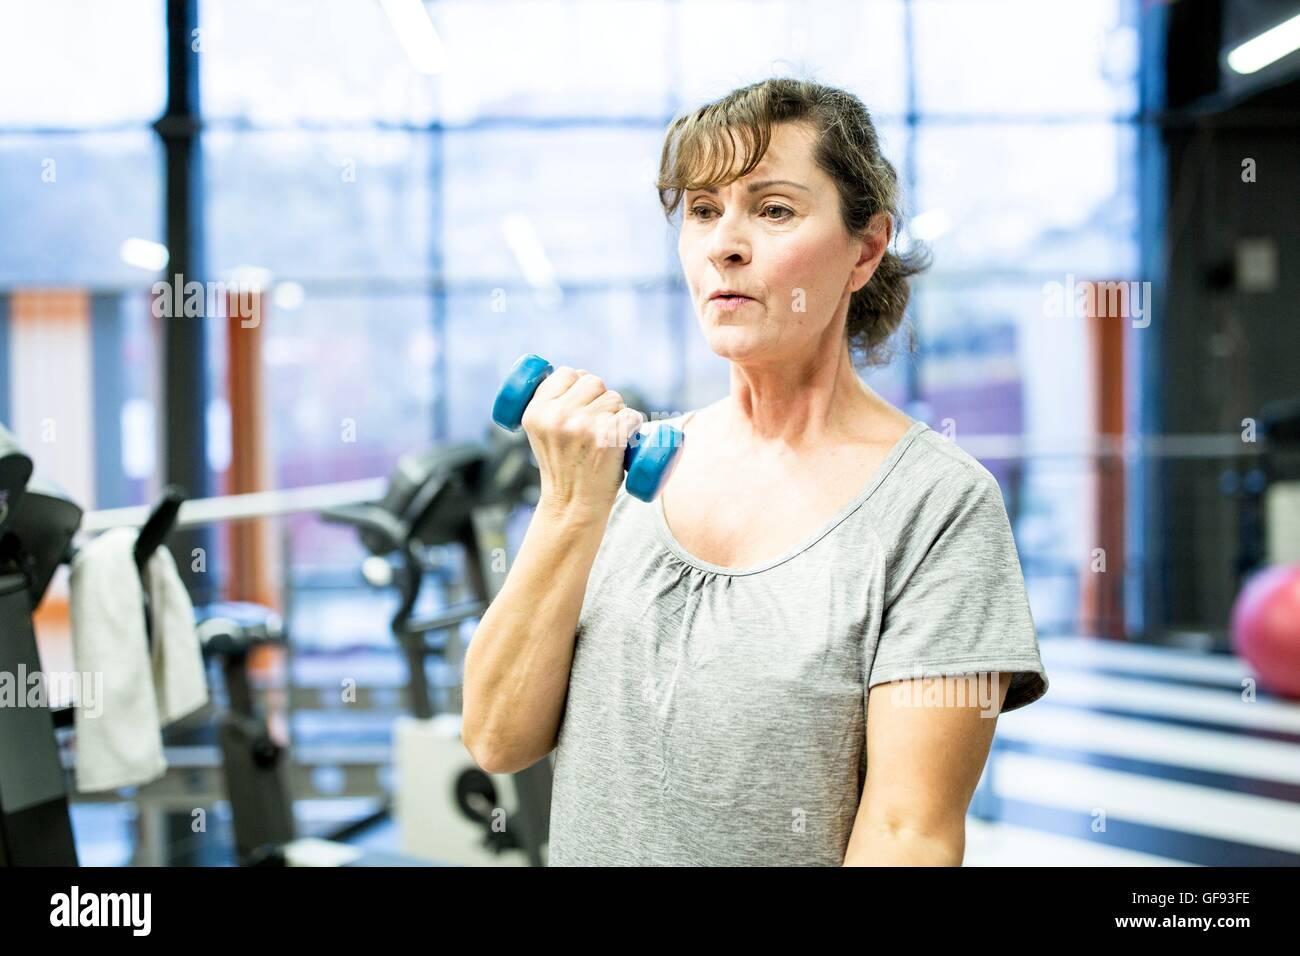 Liberados de la propiedad. Modelo liberado. Mujer sosteniendo Senior pesa en el gimnasio. Imagen De Stock